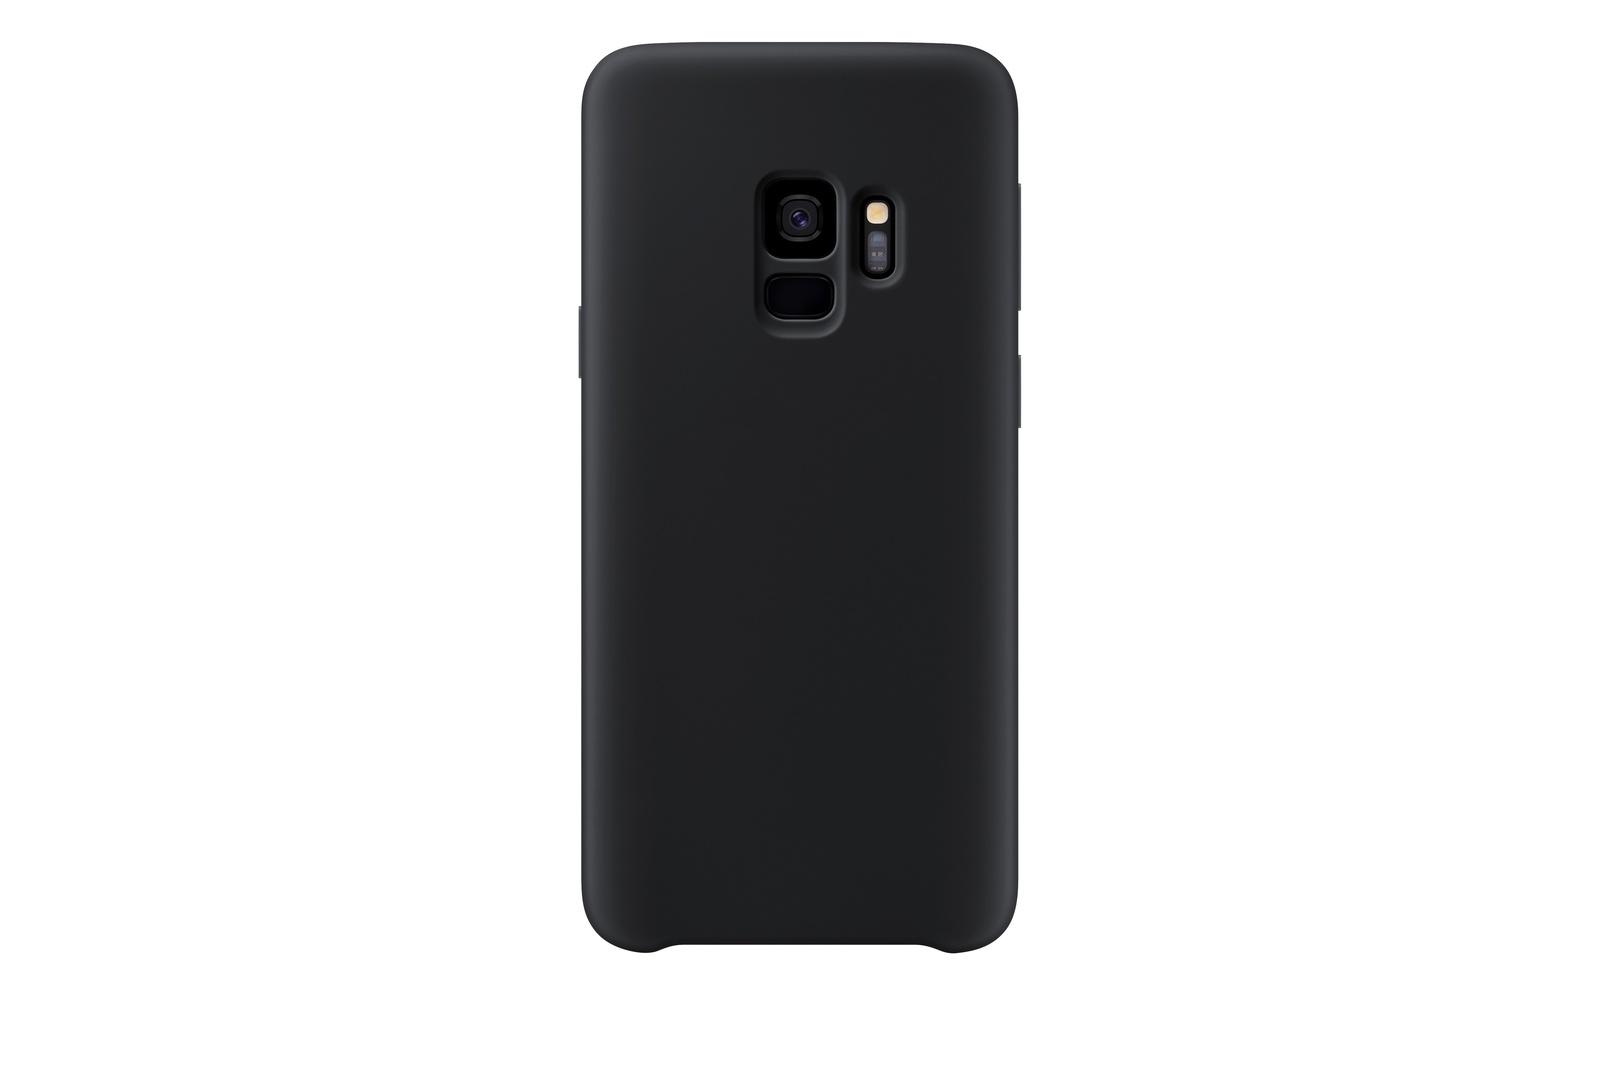 Чехол для сотового телефона Gurdini Чехол накладка силикон высокотехнологичный для Samsung Galaxy S9, 905907